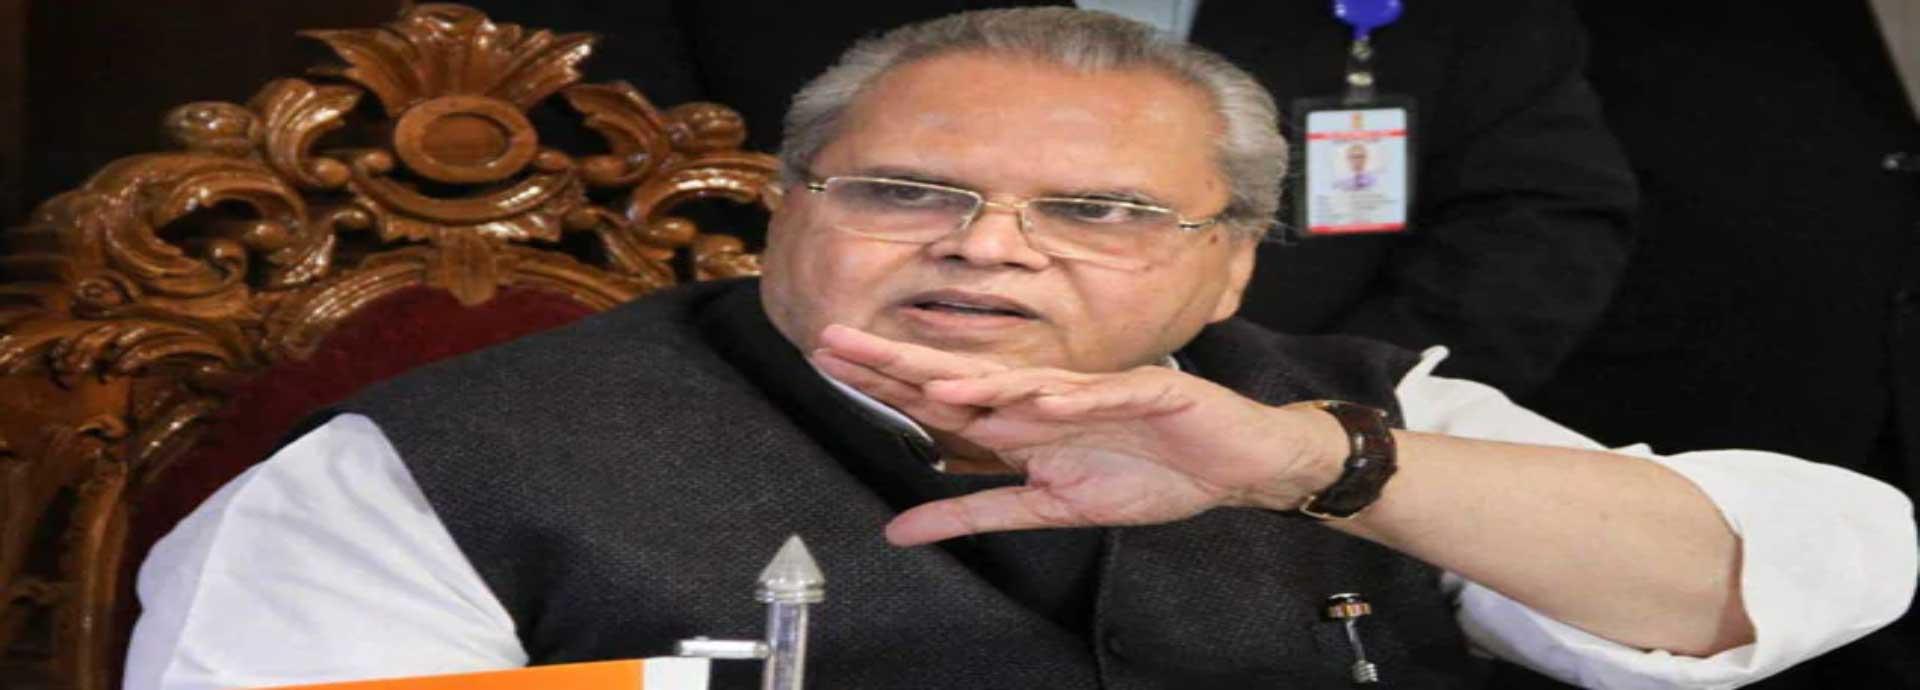 Kashmir: राज्यपाल मलिक का हिंसा वाले बयान पर राहुल को जबाव, कहा भेज रहा हूं विमान आएं सच जानें